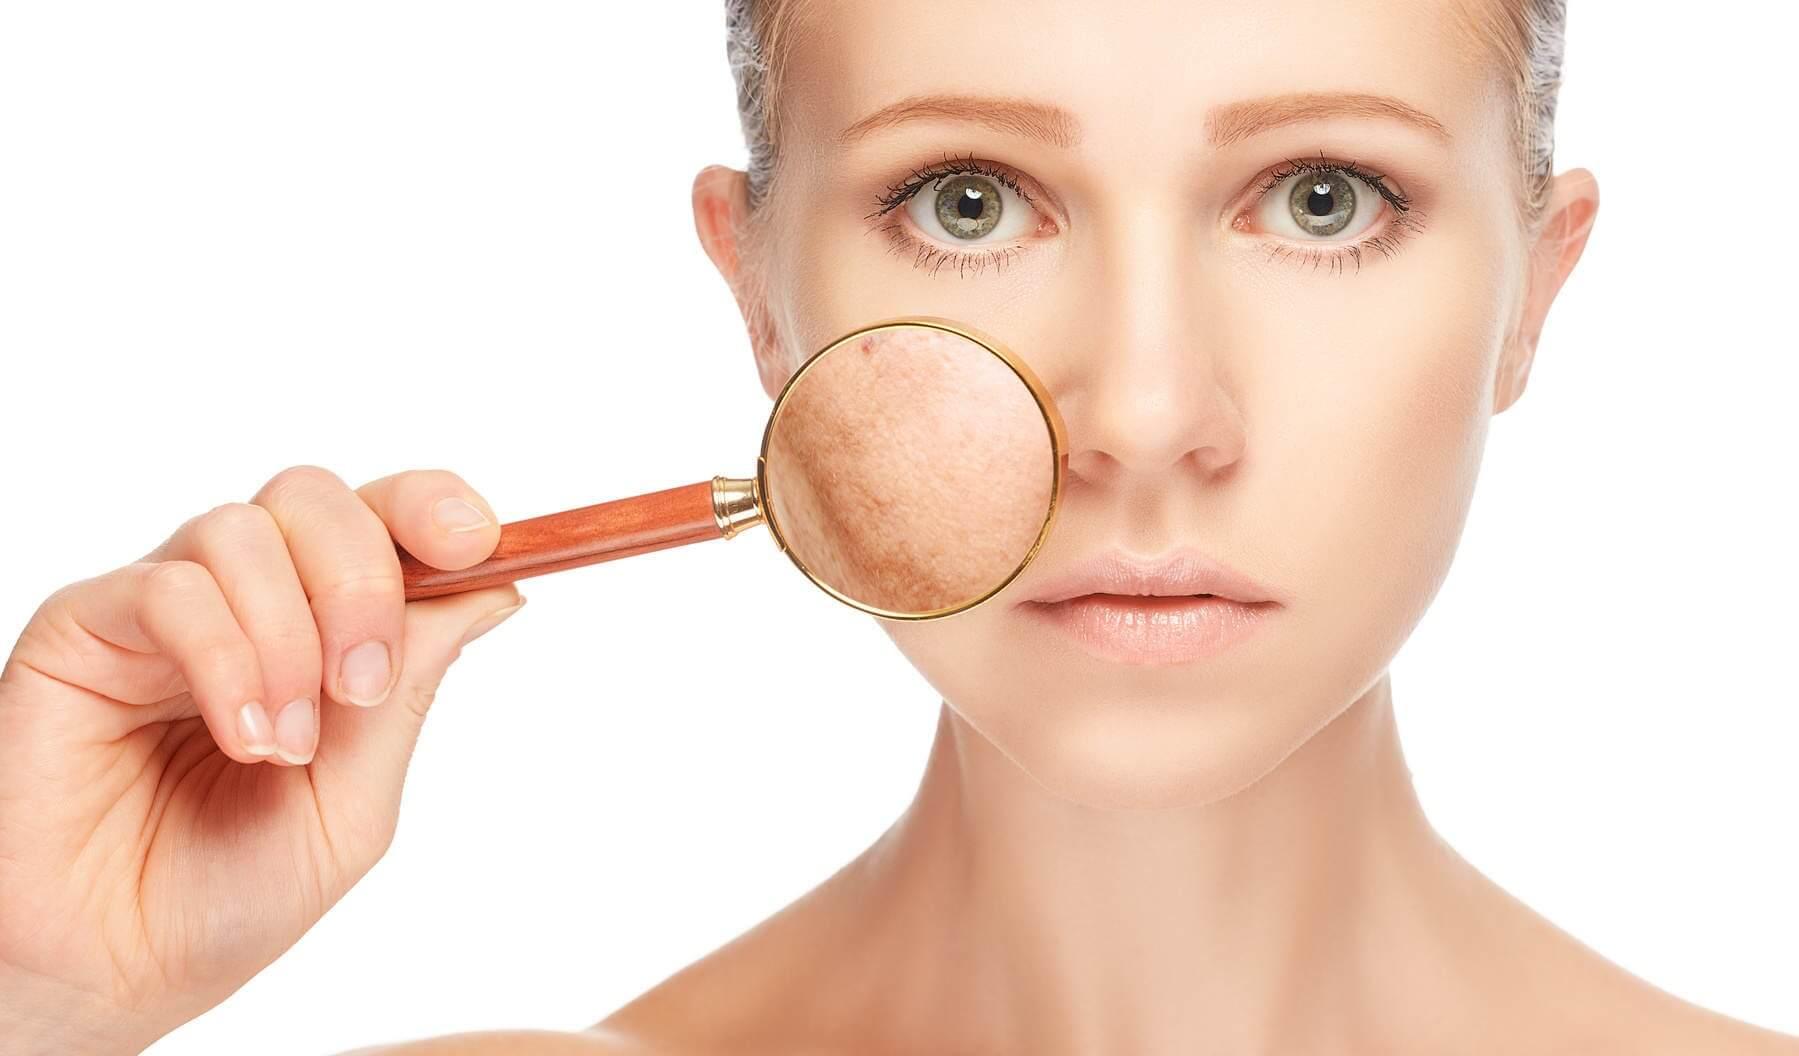 l'hyperpigmentation du visage peut être le signe d'une maladie